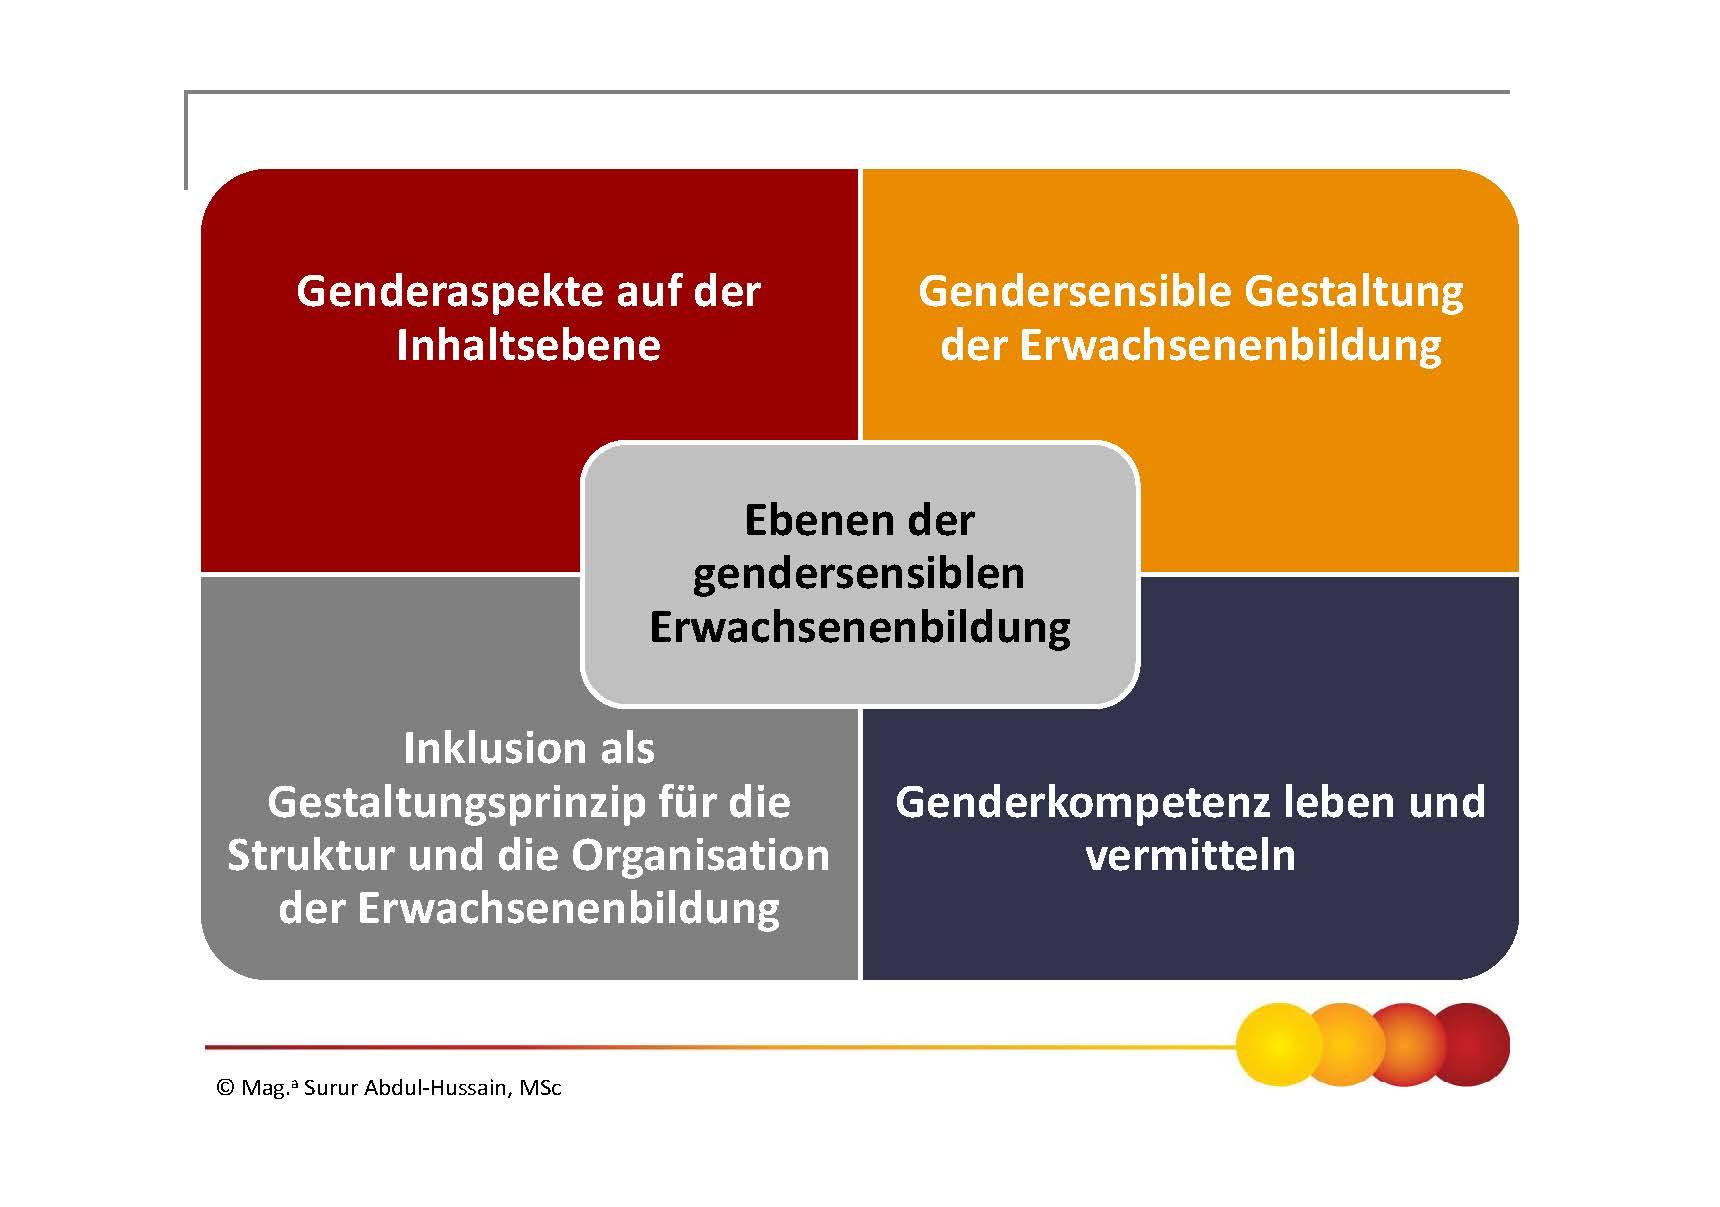 Ebenen der gendersensiblen Erwachsenenbildung